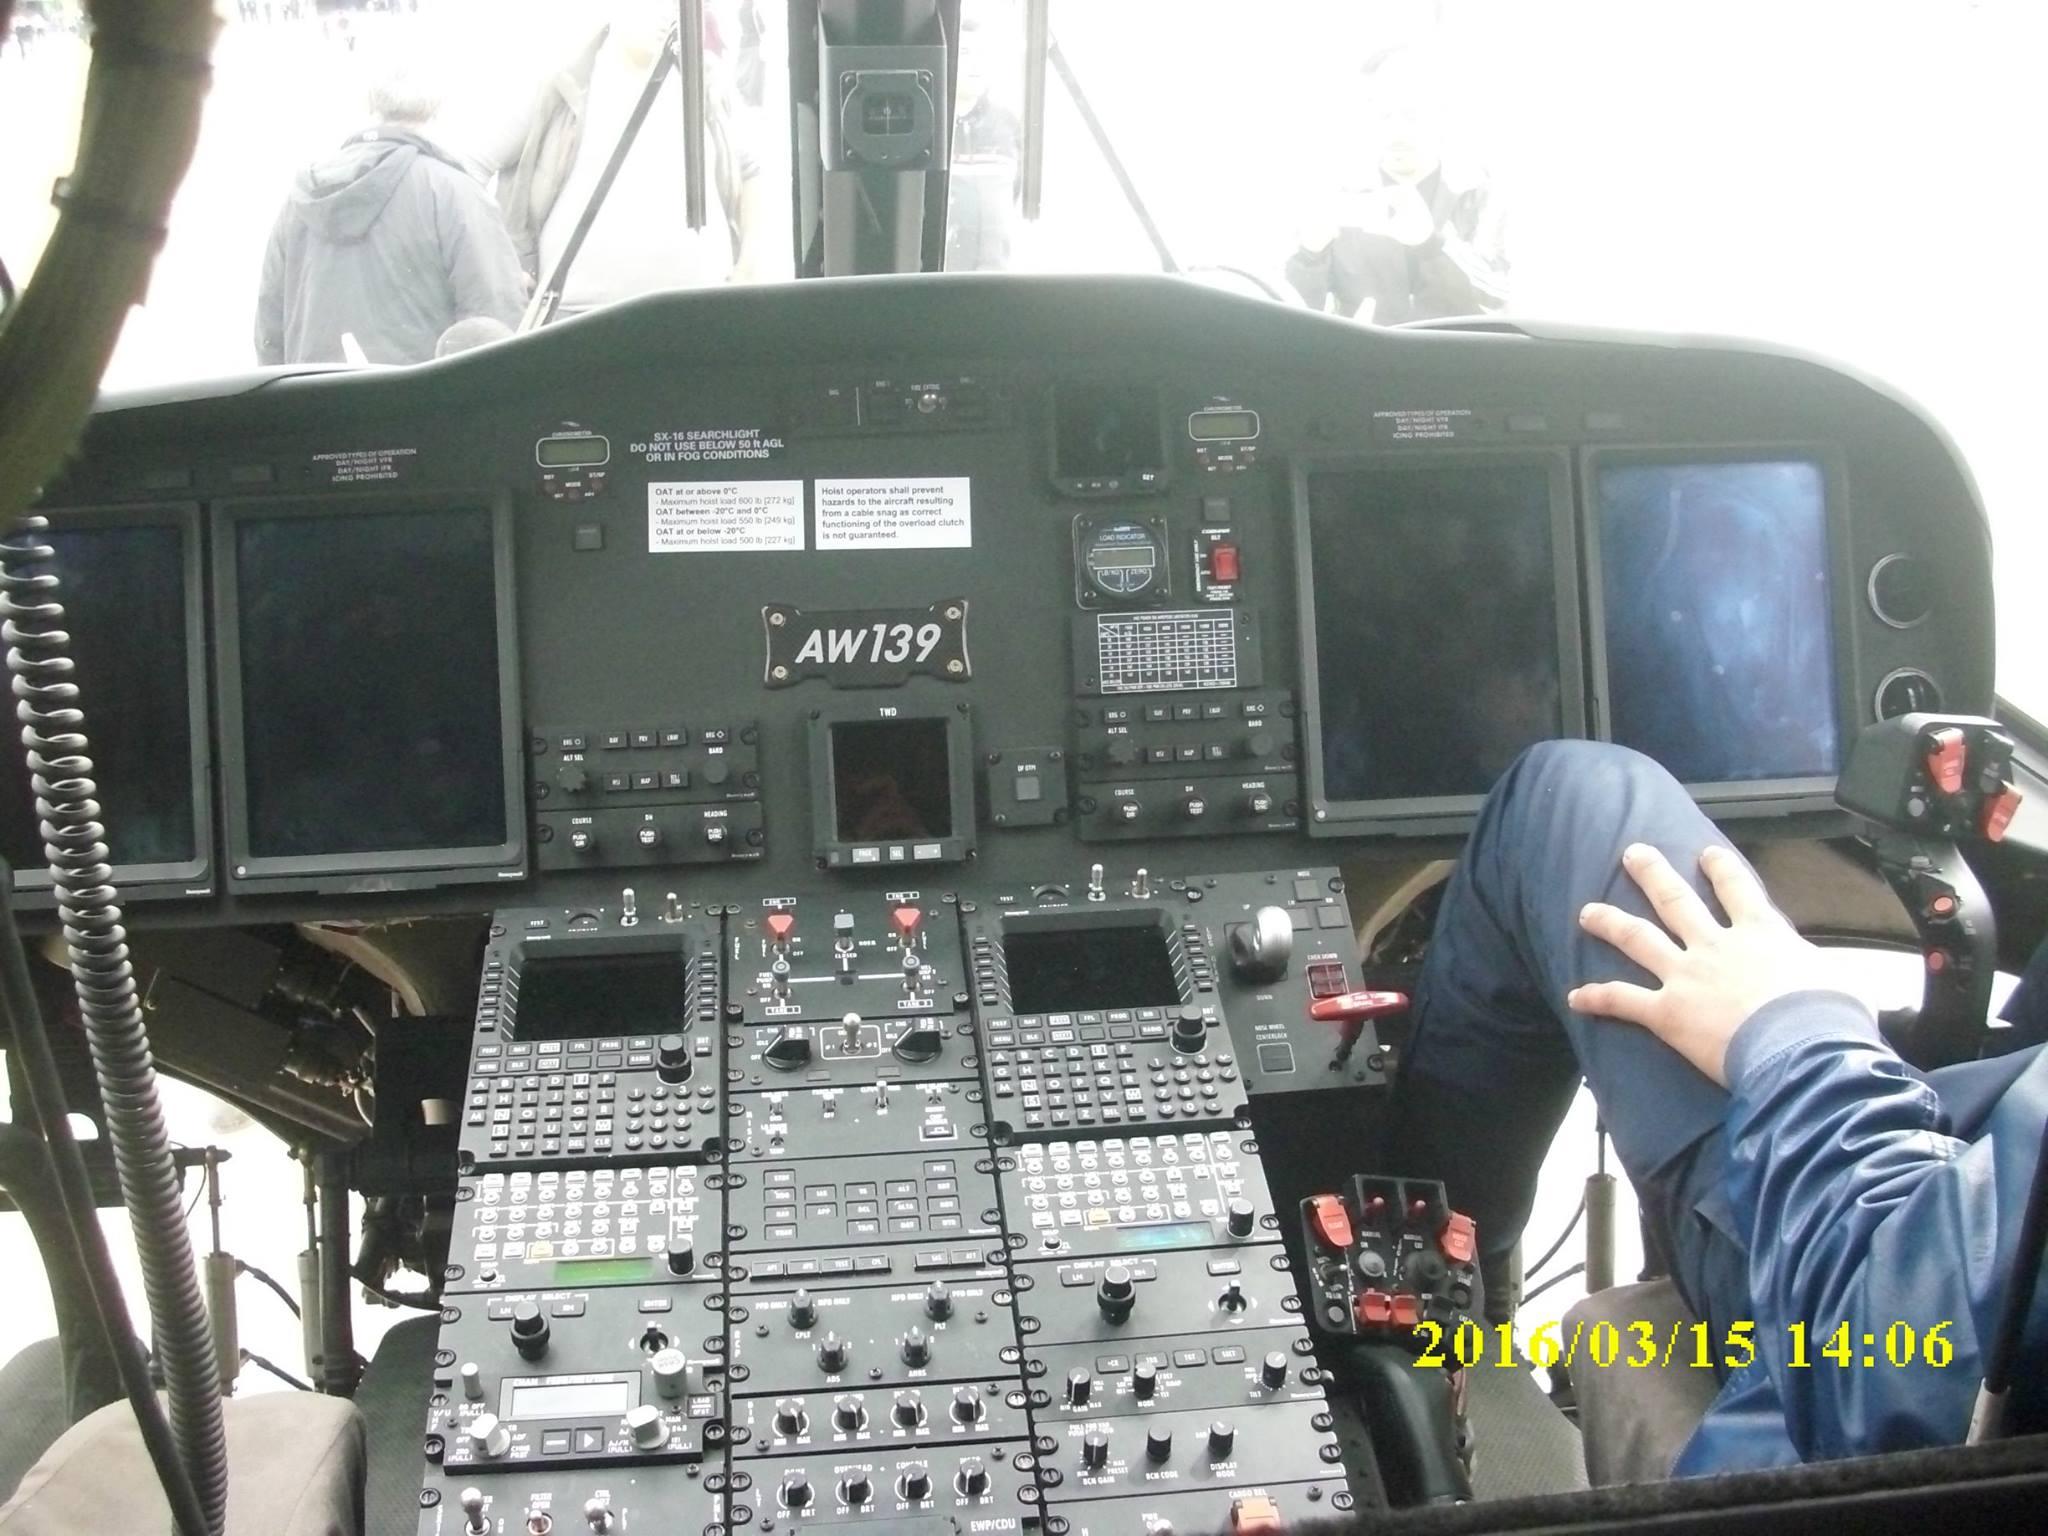 صور مروحيات القوات الجوية الجزائرية  [ AW-139 SAR ] - صفحة 2 25278488583_f8ffa0371a_o